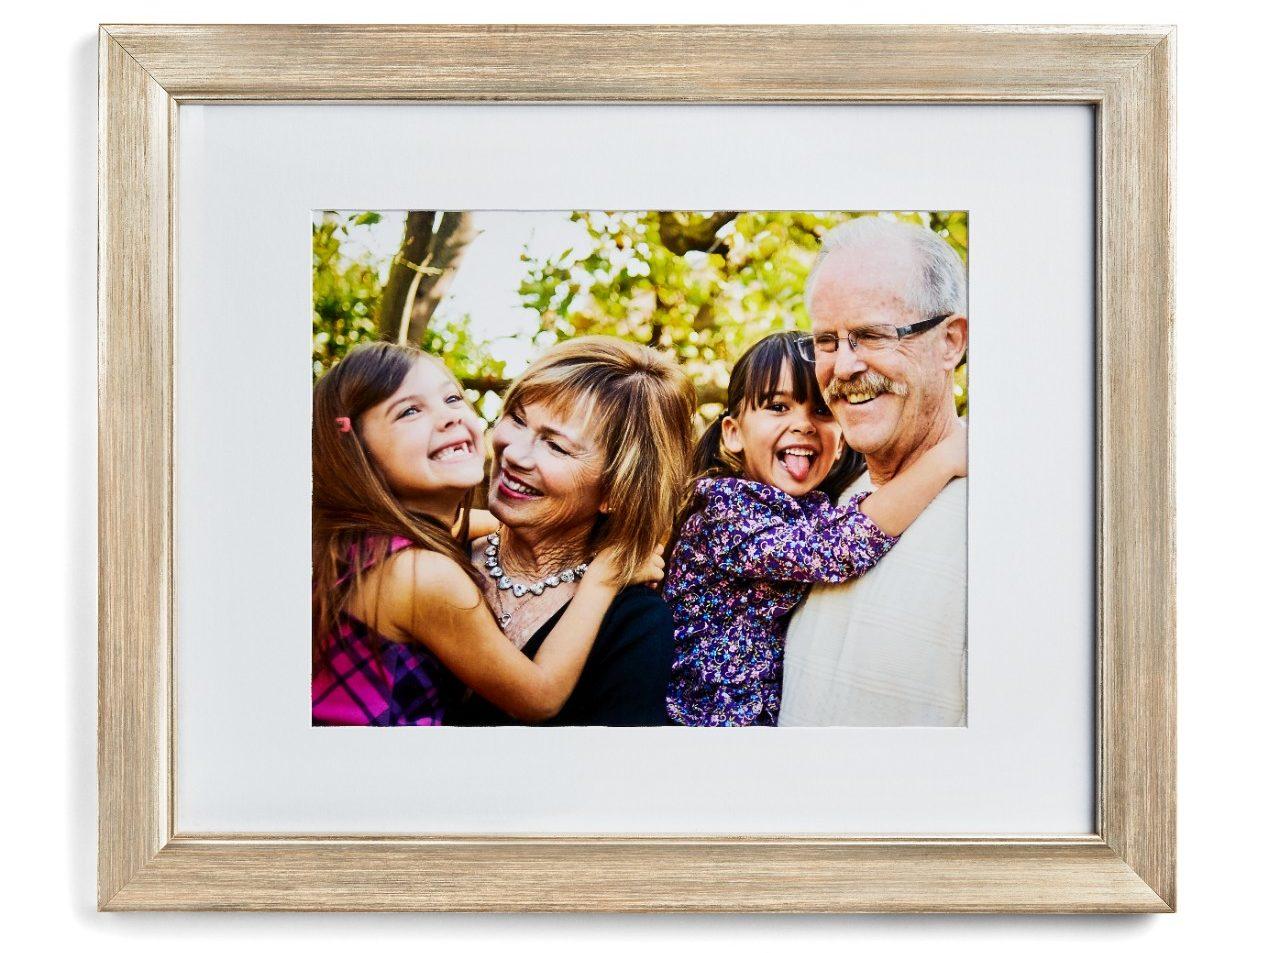 ailenin özel ahşap resim çerçevesi